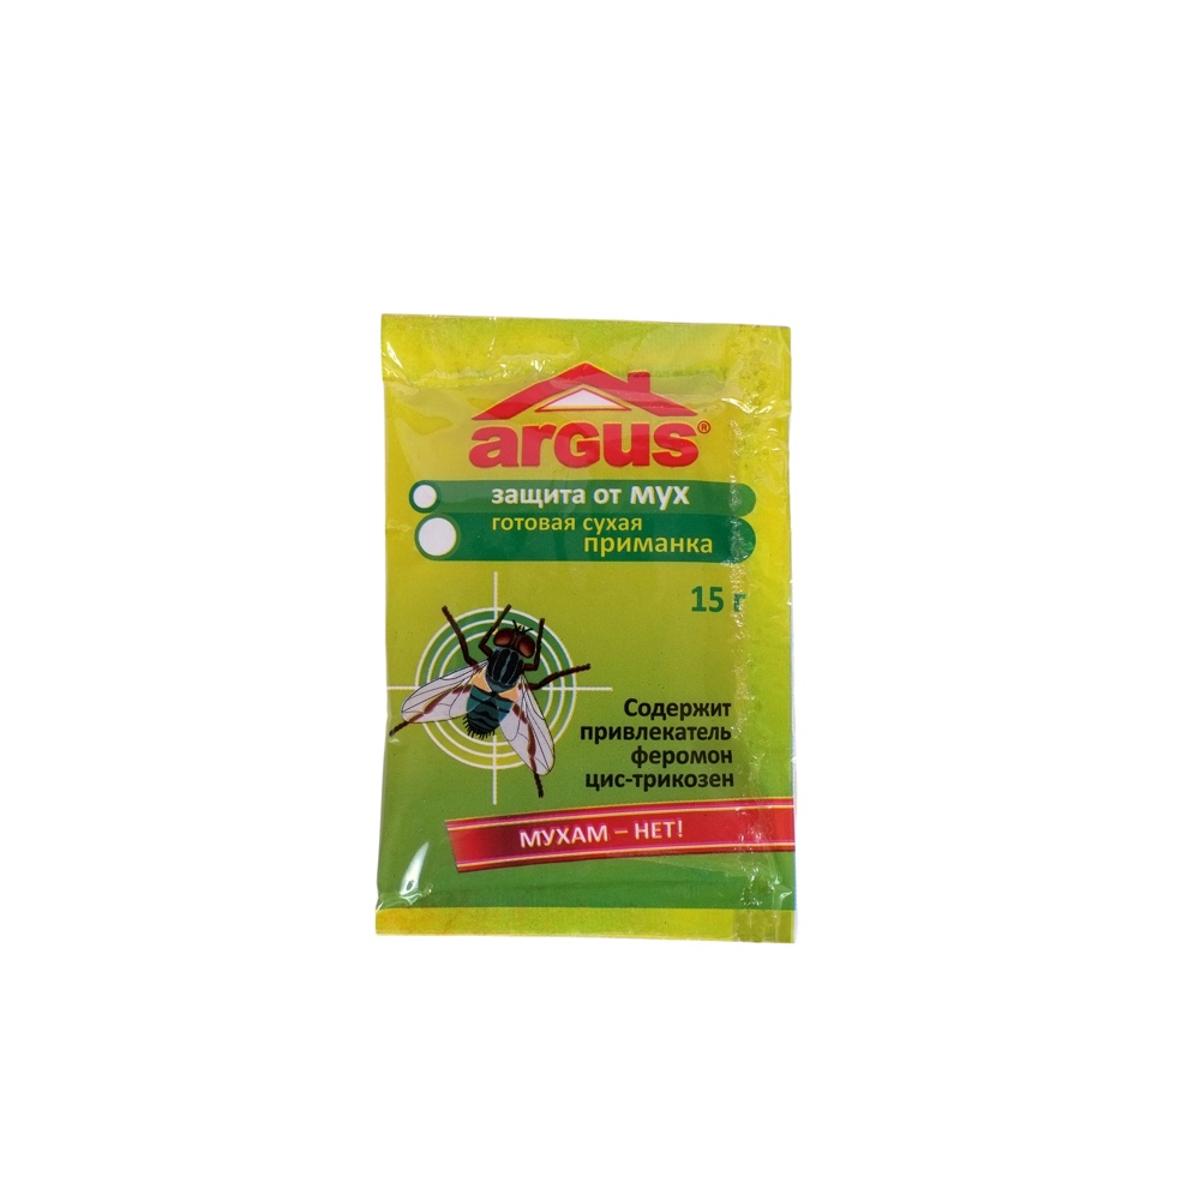 Средство от мух Argus, приманка, 15 гСЗ.020008Приманка Argus предназначена для уничтожения мух. Изделие содержит привлекательный феромон цис-трикозен. Приманка раскладывается на подложки из расчета 6 штук на 10 м2 в местах наибольшего скопления мух. Рекомендуется разместить вблизи источников света. Состав: метомил 1%, половой феромон цис-трикозен 0,25%, битрекс, краситель, сахар.